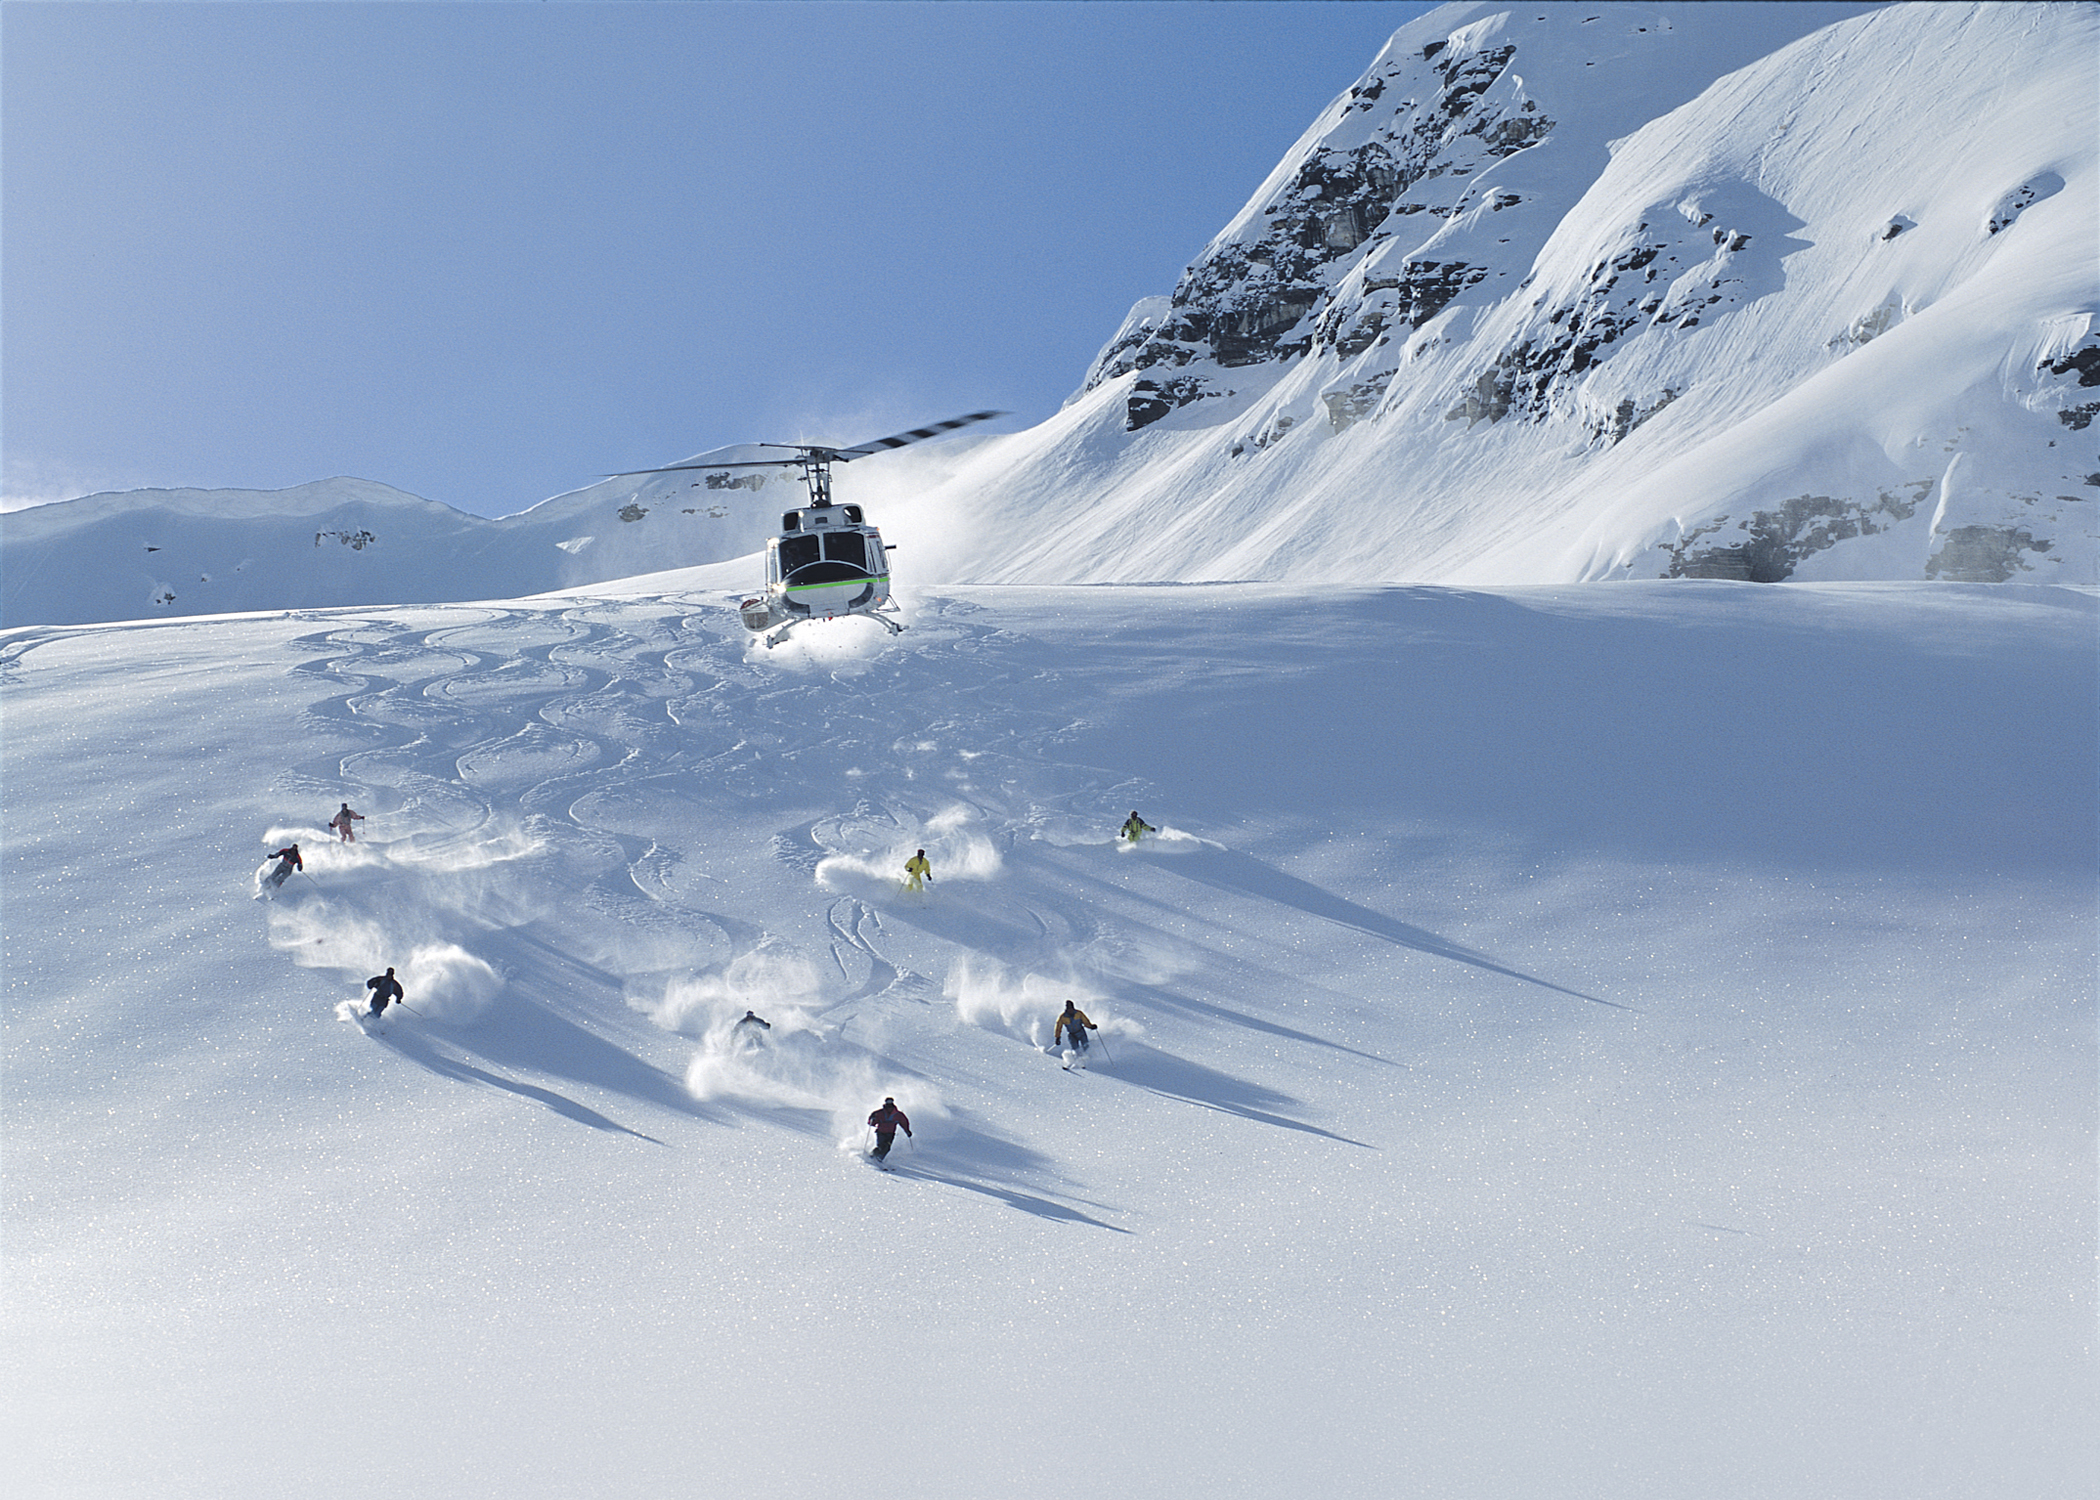 RK Heli Skiing at Panorama SkiBookings.com